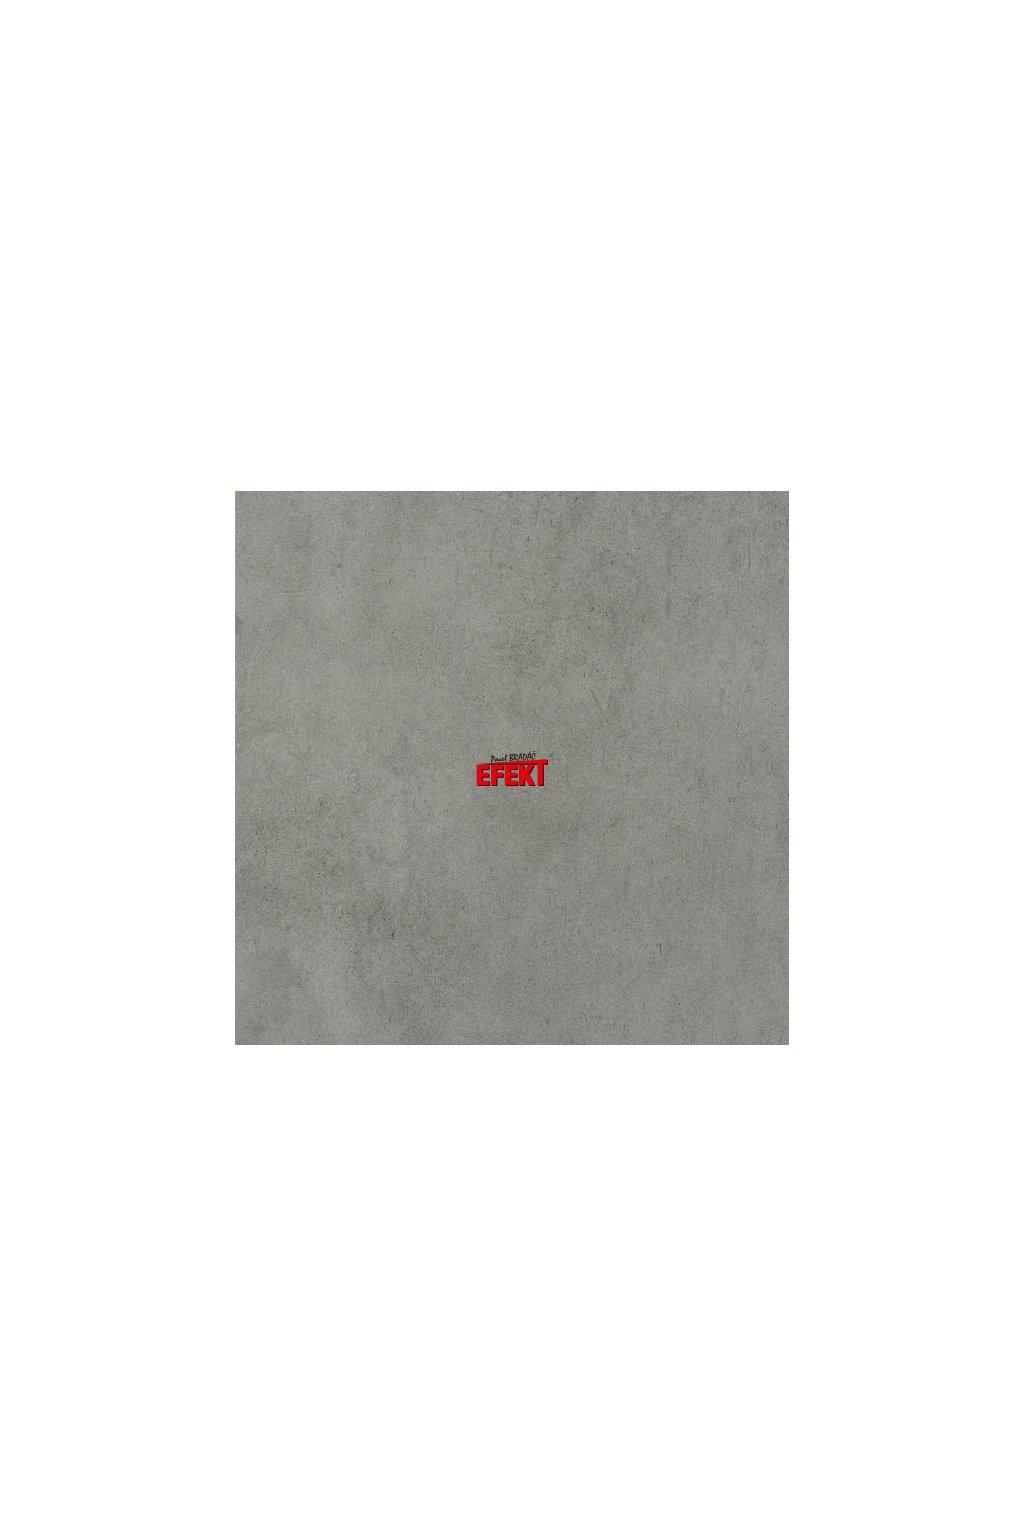 Shade Grey 2152